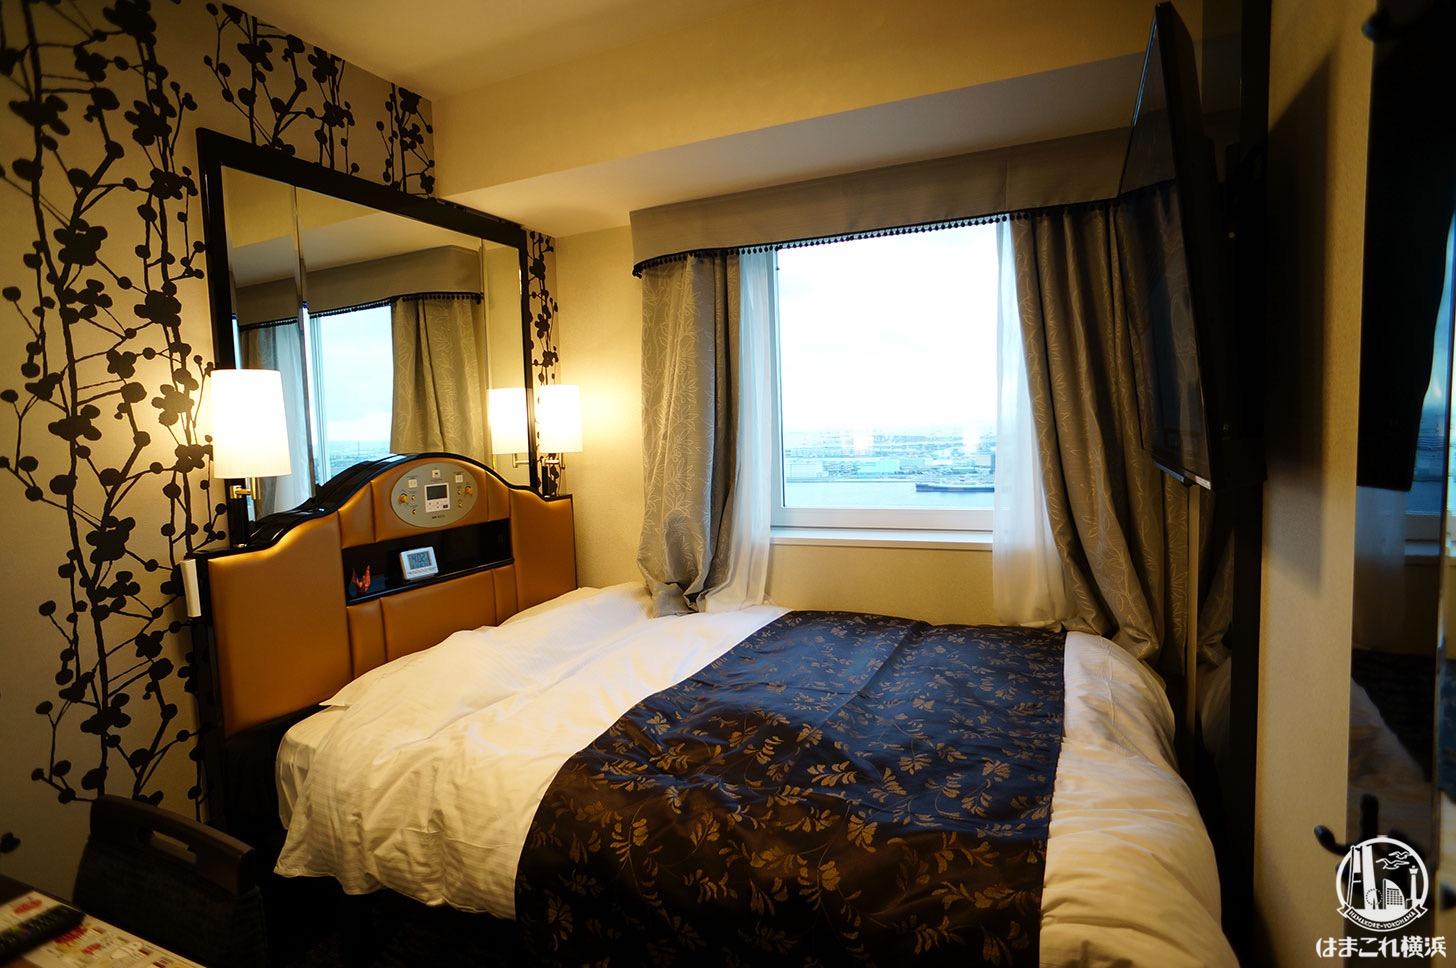 アパホテル&リゾート 横浜ベイタワー「ダブルルーム」